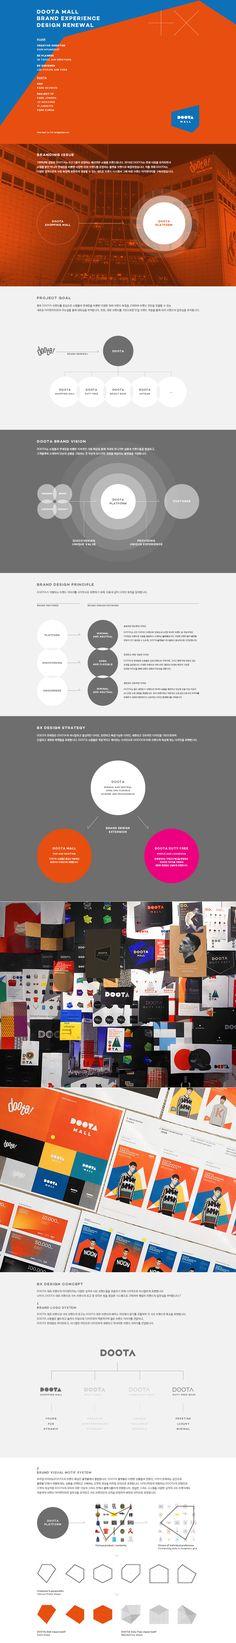 두타몰 브랜드 경험디자인 / DOOTA MALL Brand eXperience Design / 플러스엑스 / PLUSX : 네이버 블로그 Brand Identity Design, Branding Design, Logo Design, Web Design, Layout Design, Business Proposal, Portfolio Layout, Ui Elements, Editorial Design